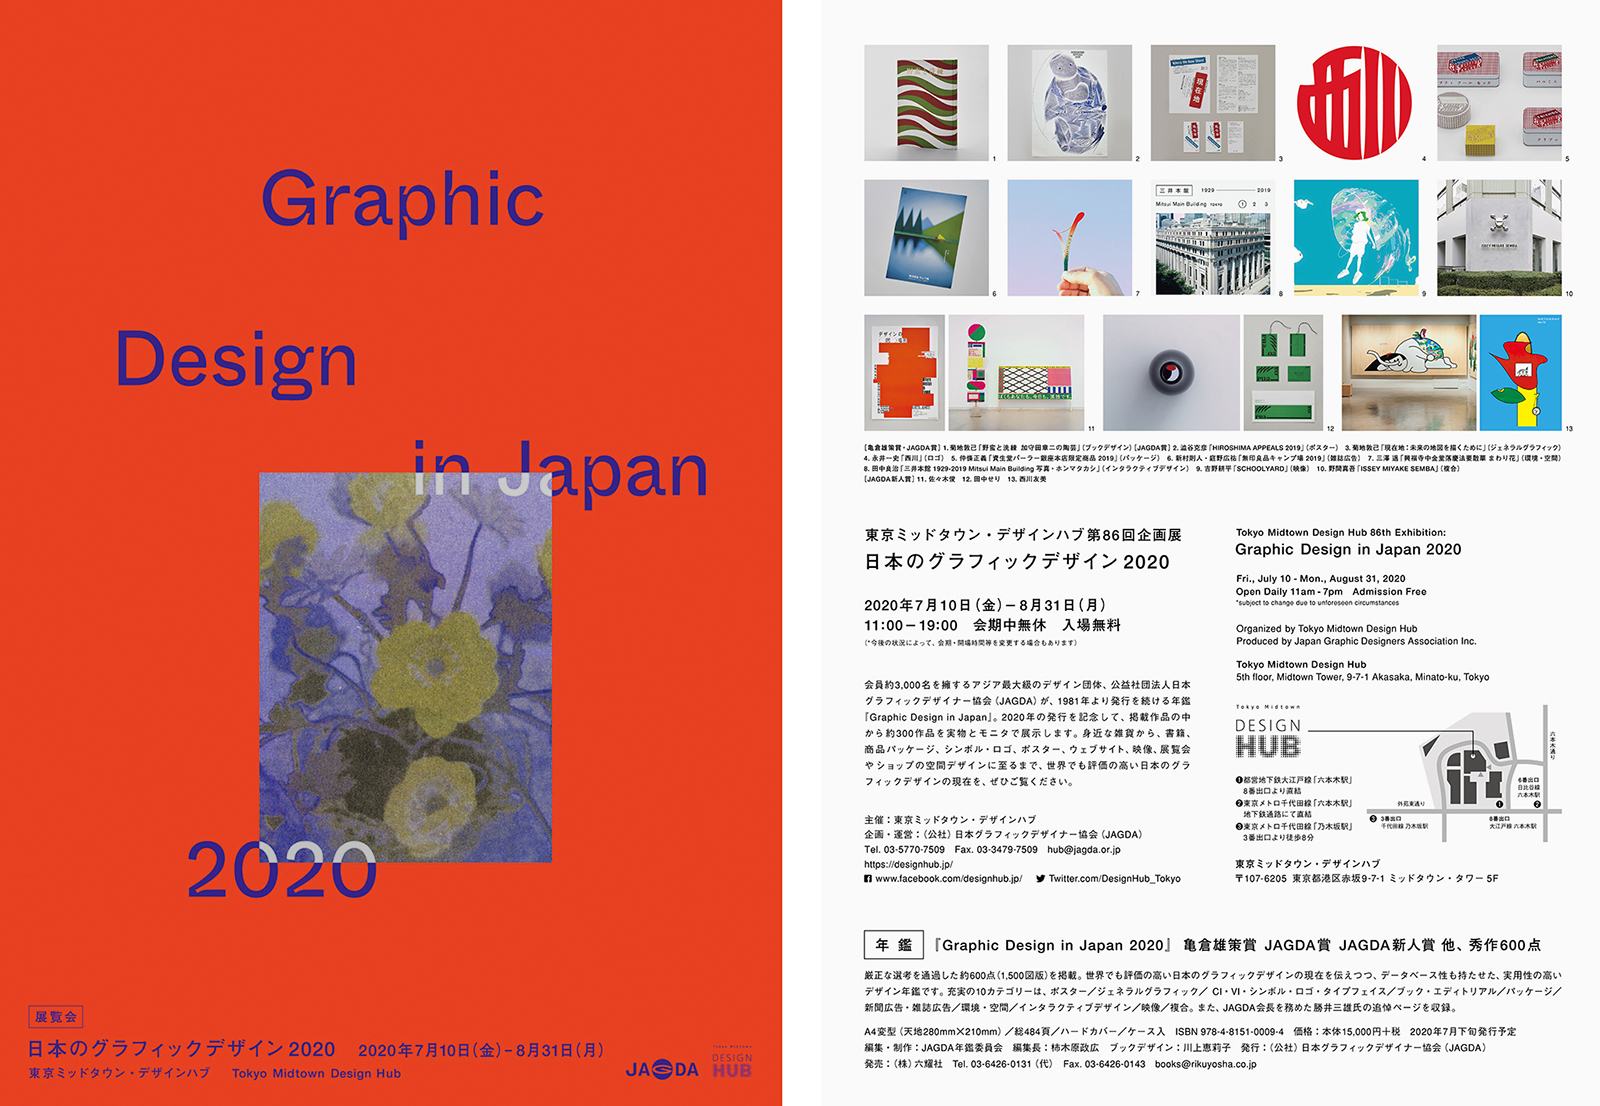 東京ミッドタウン・デザインハブ第86回企画展「日本のグラフィックデザイン2020」